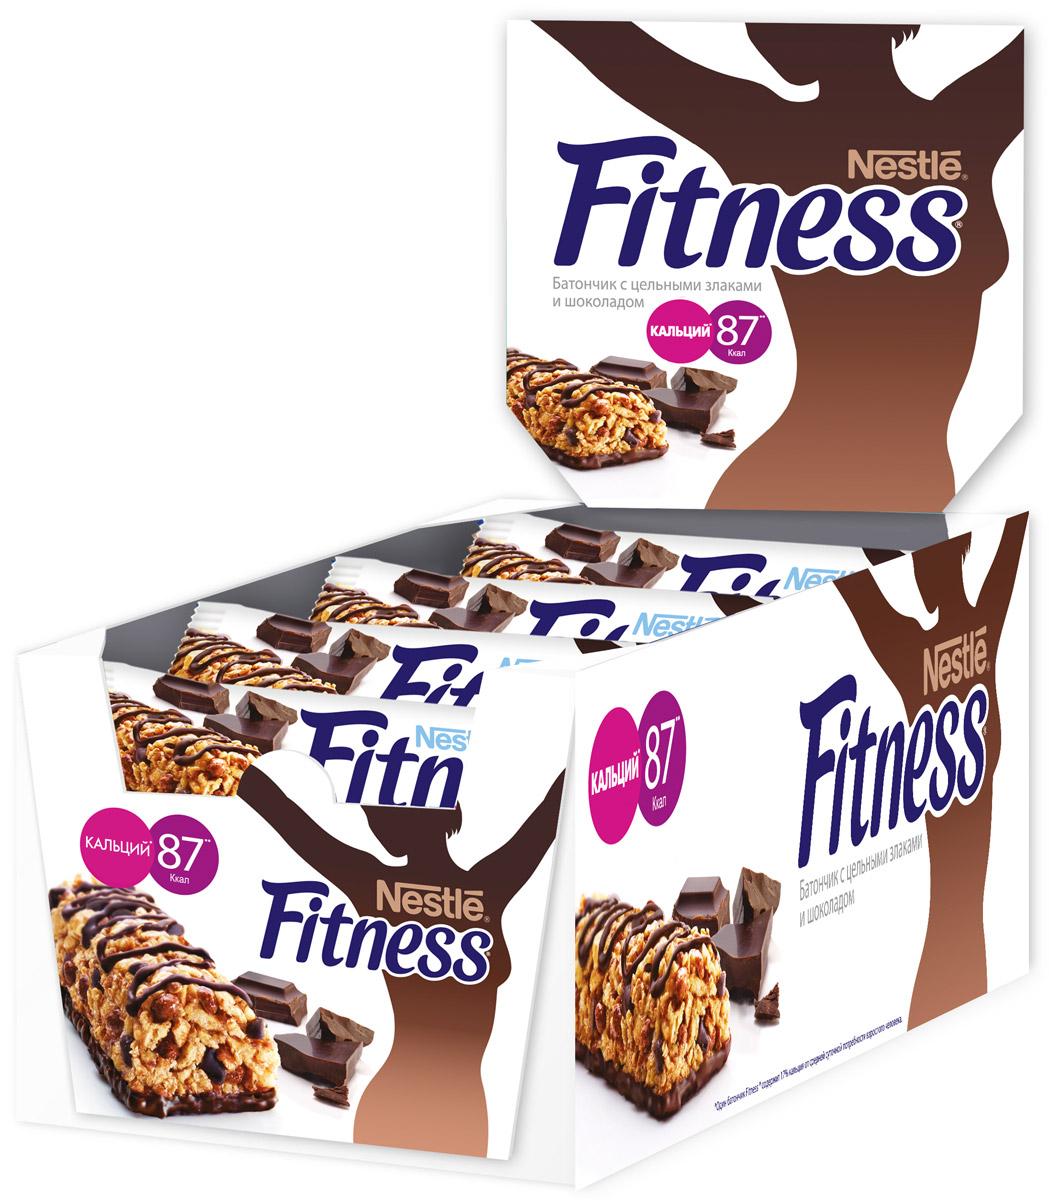 Nestle Fitness Батончик с цельными злаками и шоколадом, 24 шт по 23,5 г0120710Батончик Nestle Fitness (Нестле Фитнес) с цельными злаками и шоколадом - полезный перекус без вреда для вашей фигуры!Батончик Fitness содержит много клетчатки и мало жира. Клетчатка в цельных злаках регулирует пищеварение, способствуя поддержанию оптимального веса тела (при условии сбалансированного питания и регулярных физических активностей). Сложные углеводы перевариваются медленнее и позволяют сохранять чувство сытости дольше.Обогащен витаминами D, B2, B6, кальцием и железом.